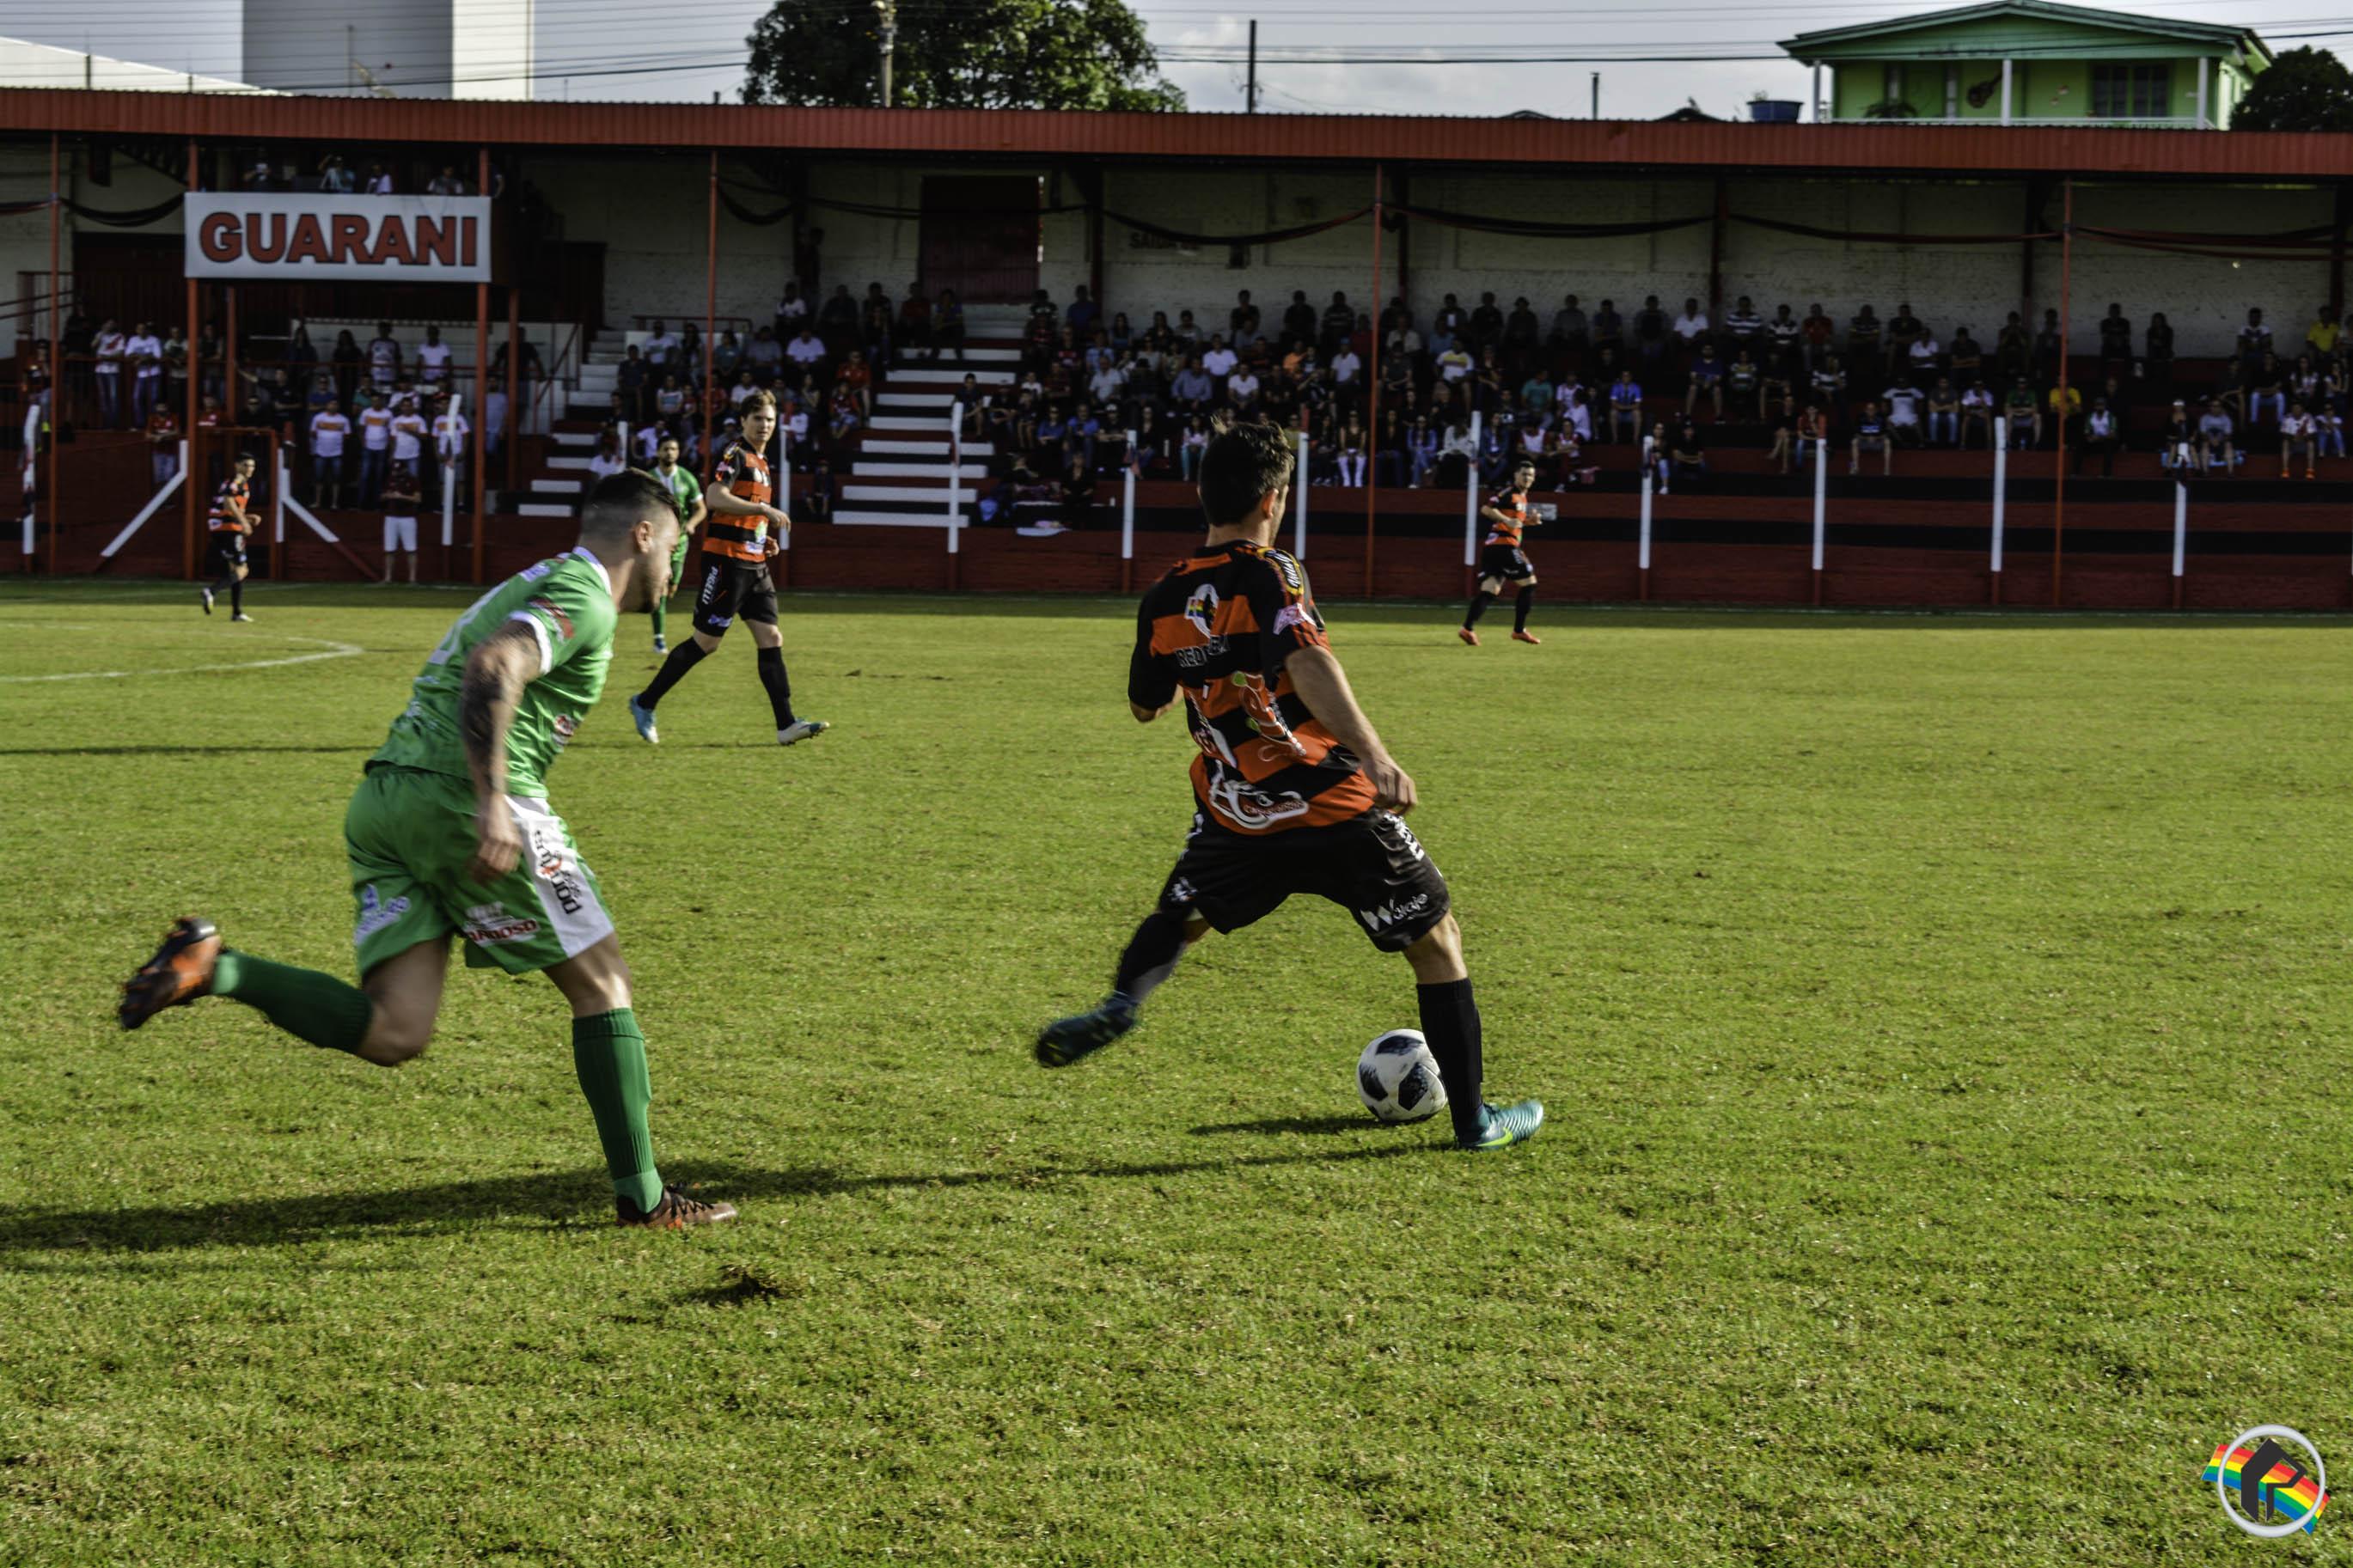 Guarani enfrenta Aliança em jogo de ida da semifinal da Copa Oeste